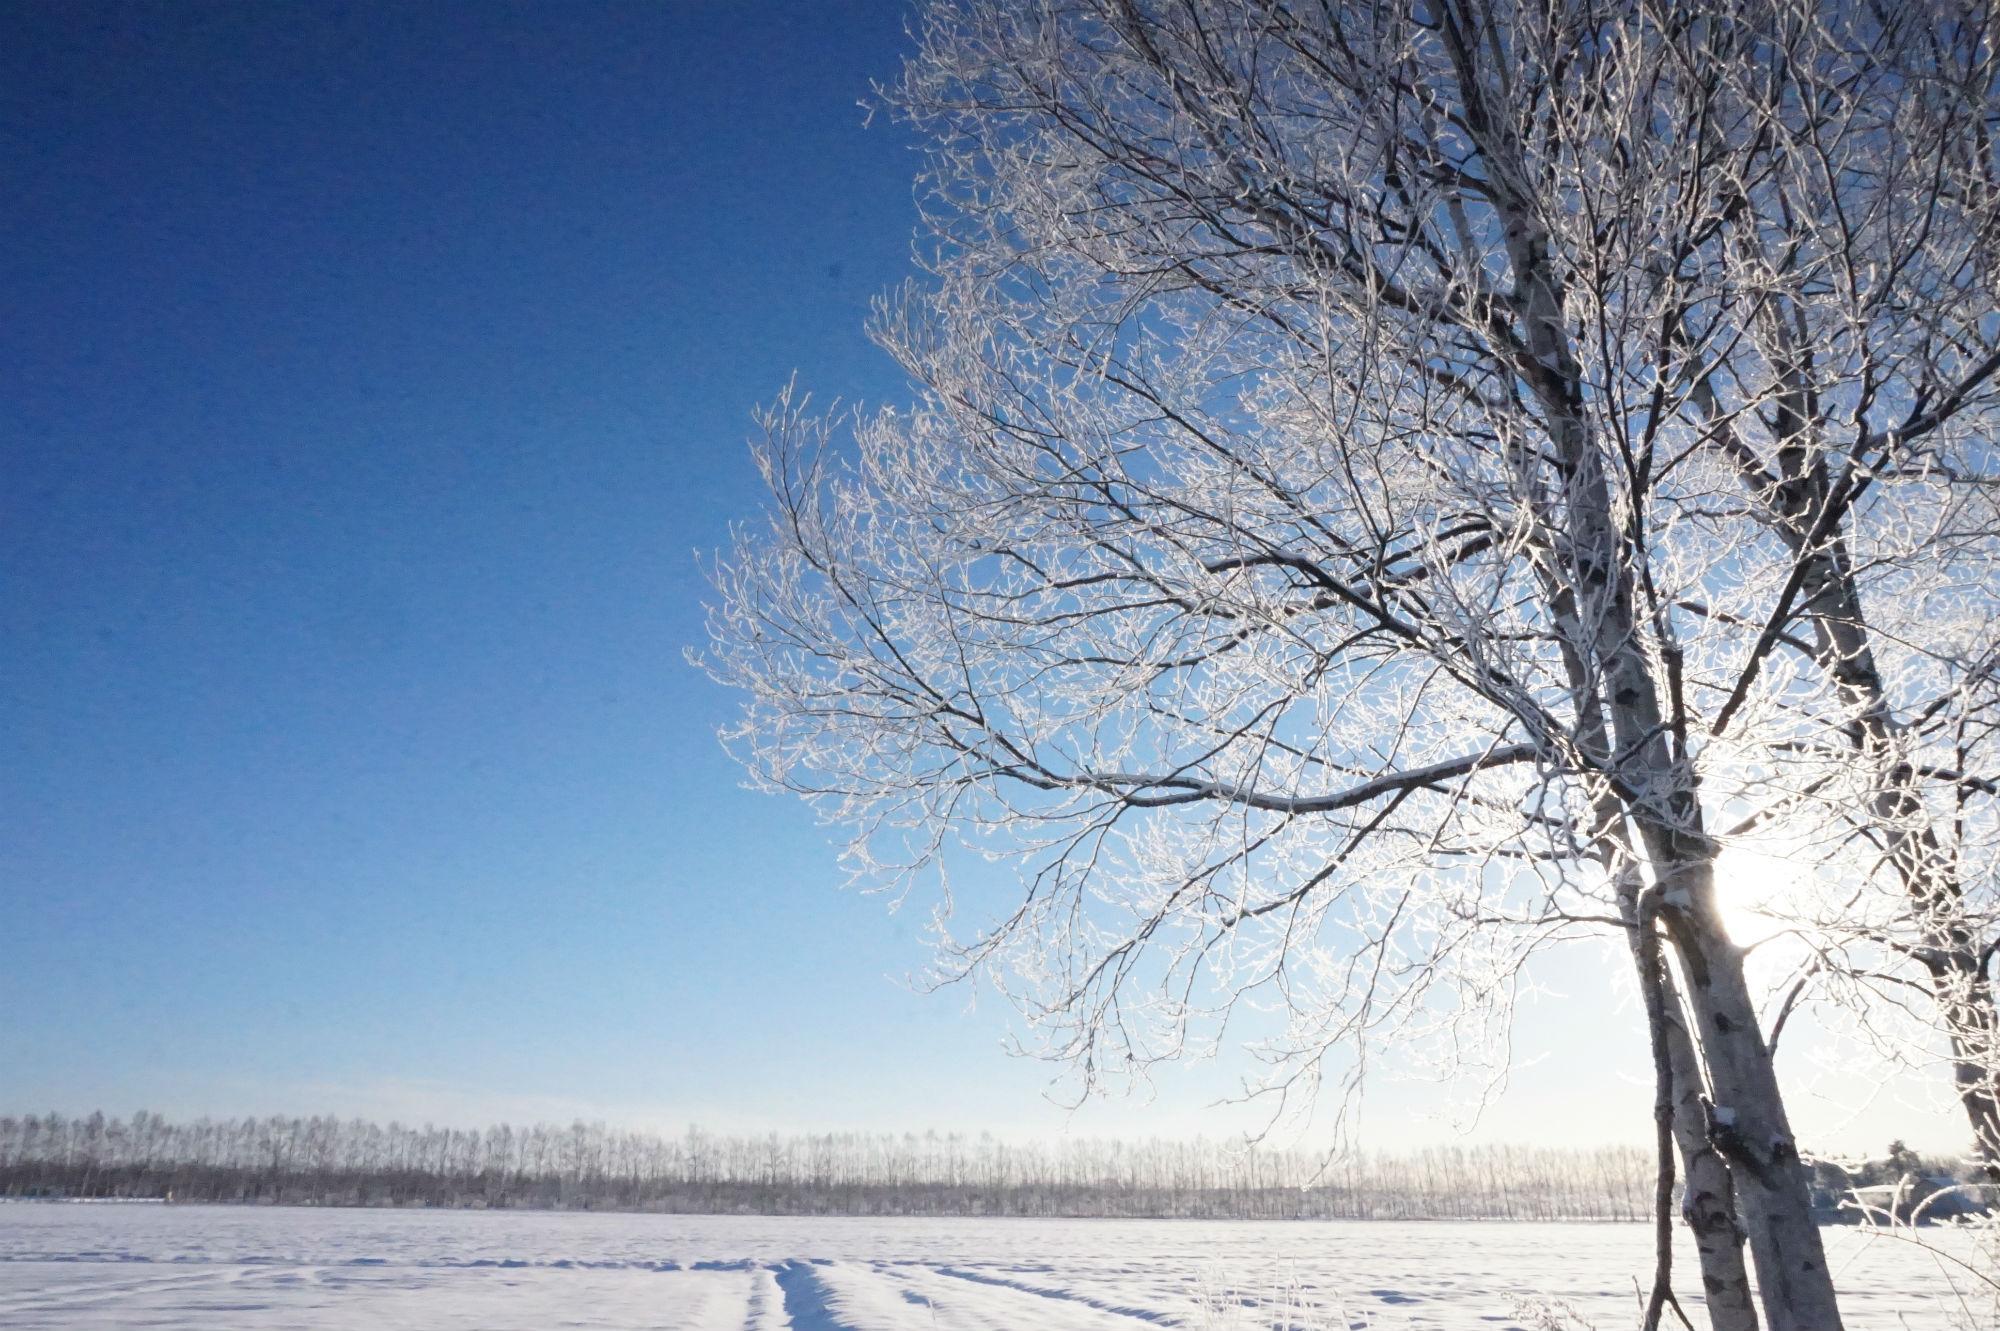 朝日で輝く樹氷